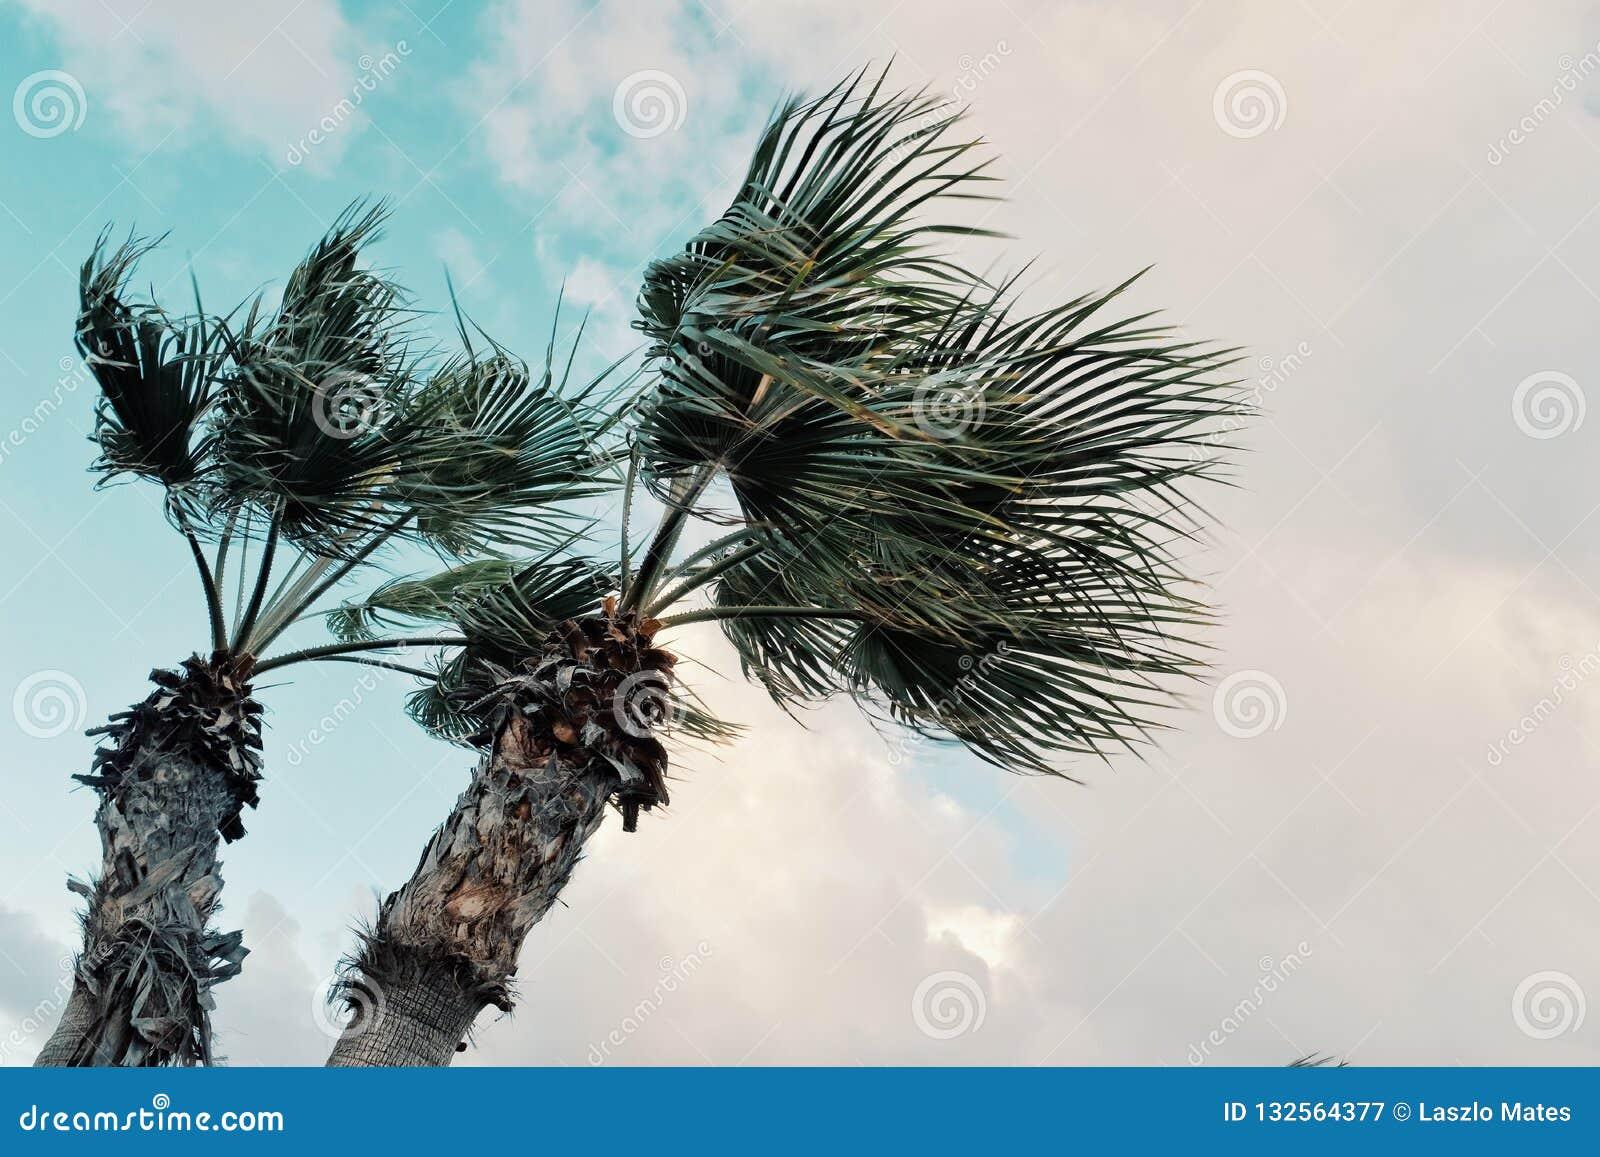 Image graphique minimale de concept des palmiers en vents violents devant des nuages de tempête